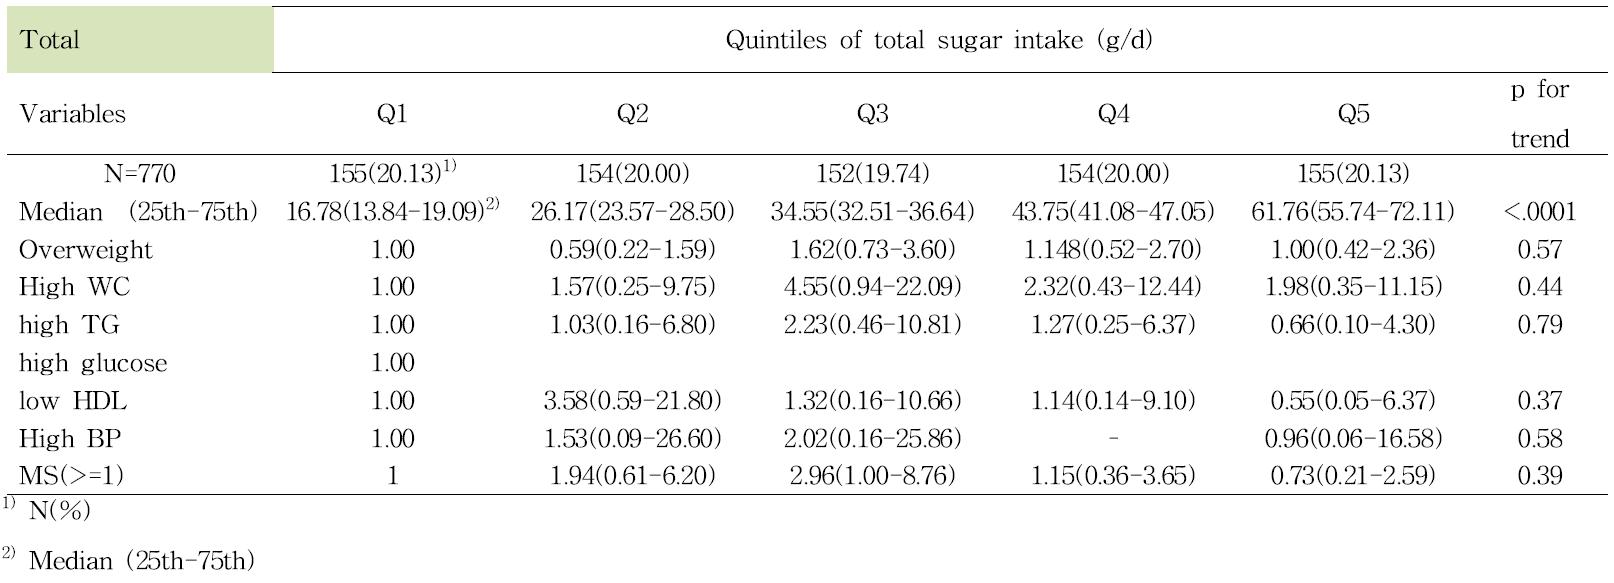 당 섭취 수준에 따른 대사증후군 요인들의 위험도 (성별, TV 시청, 사회경제적수준, 운동수준 보정)